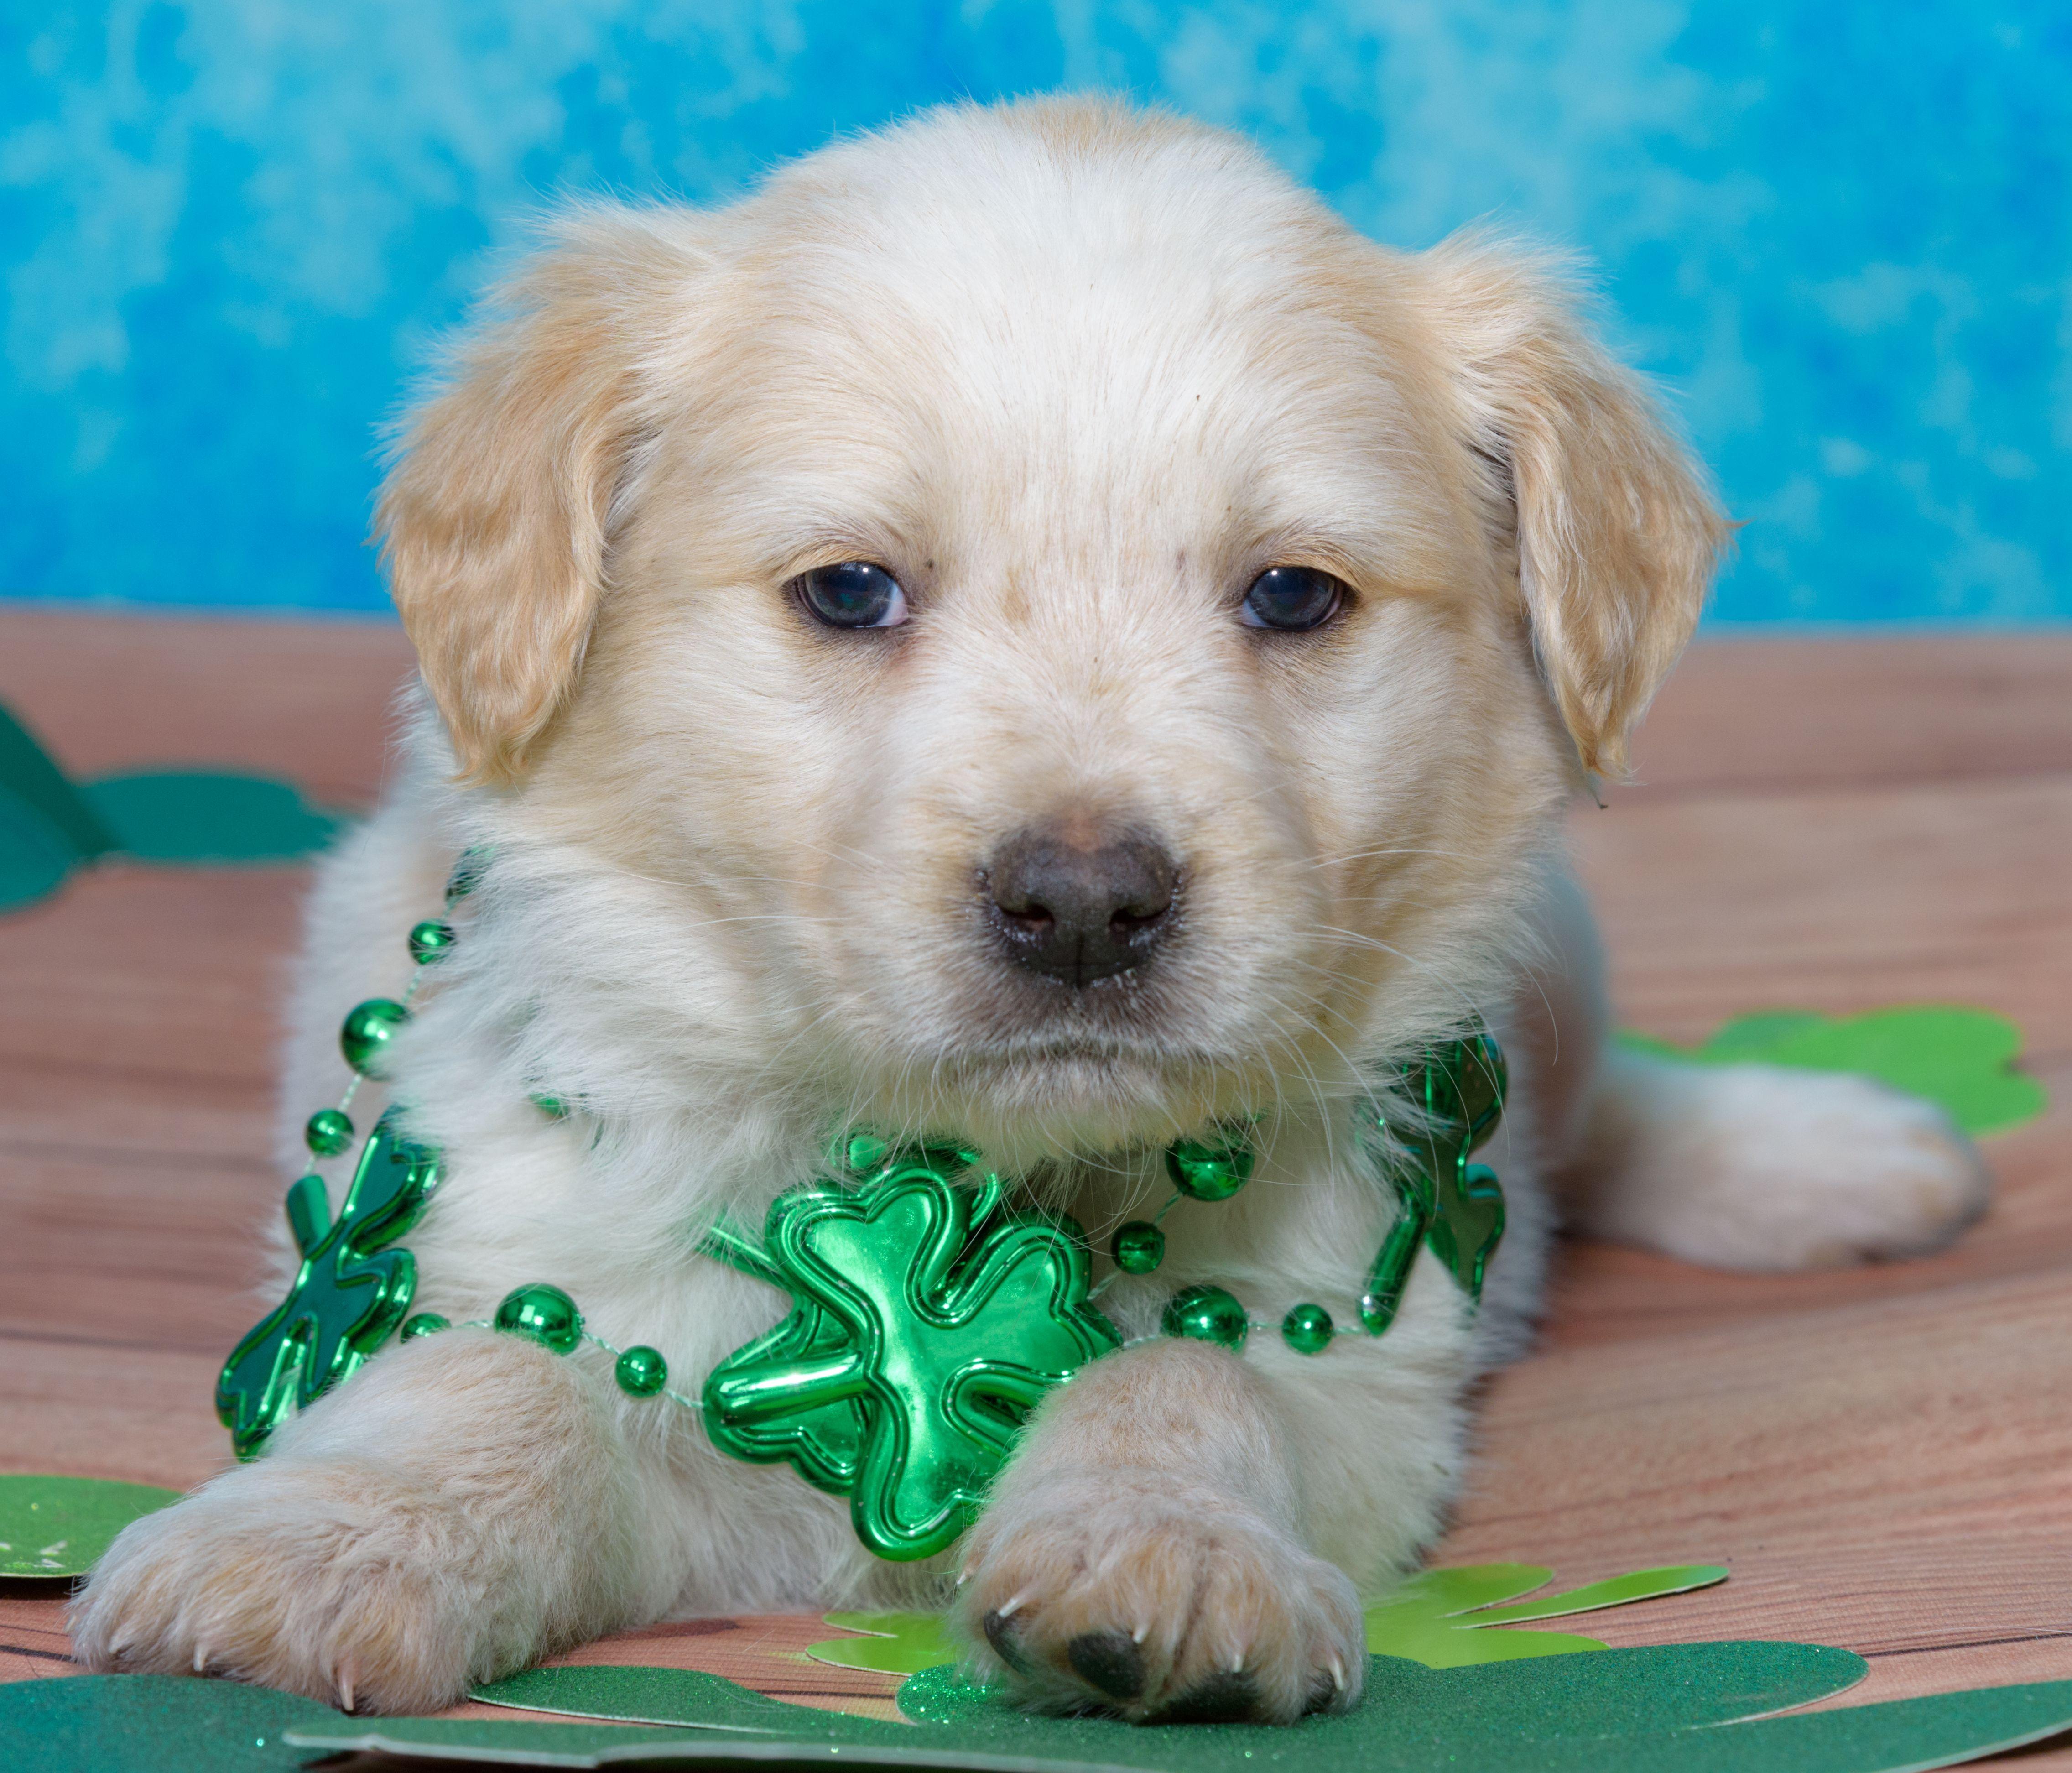 Australian Retriever dog for Adoption in Denver, CO. ADN